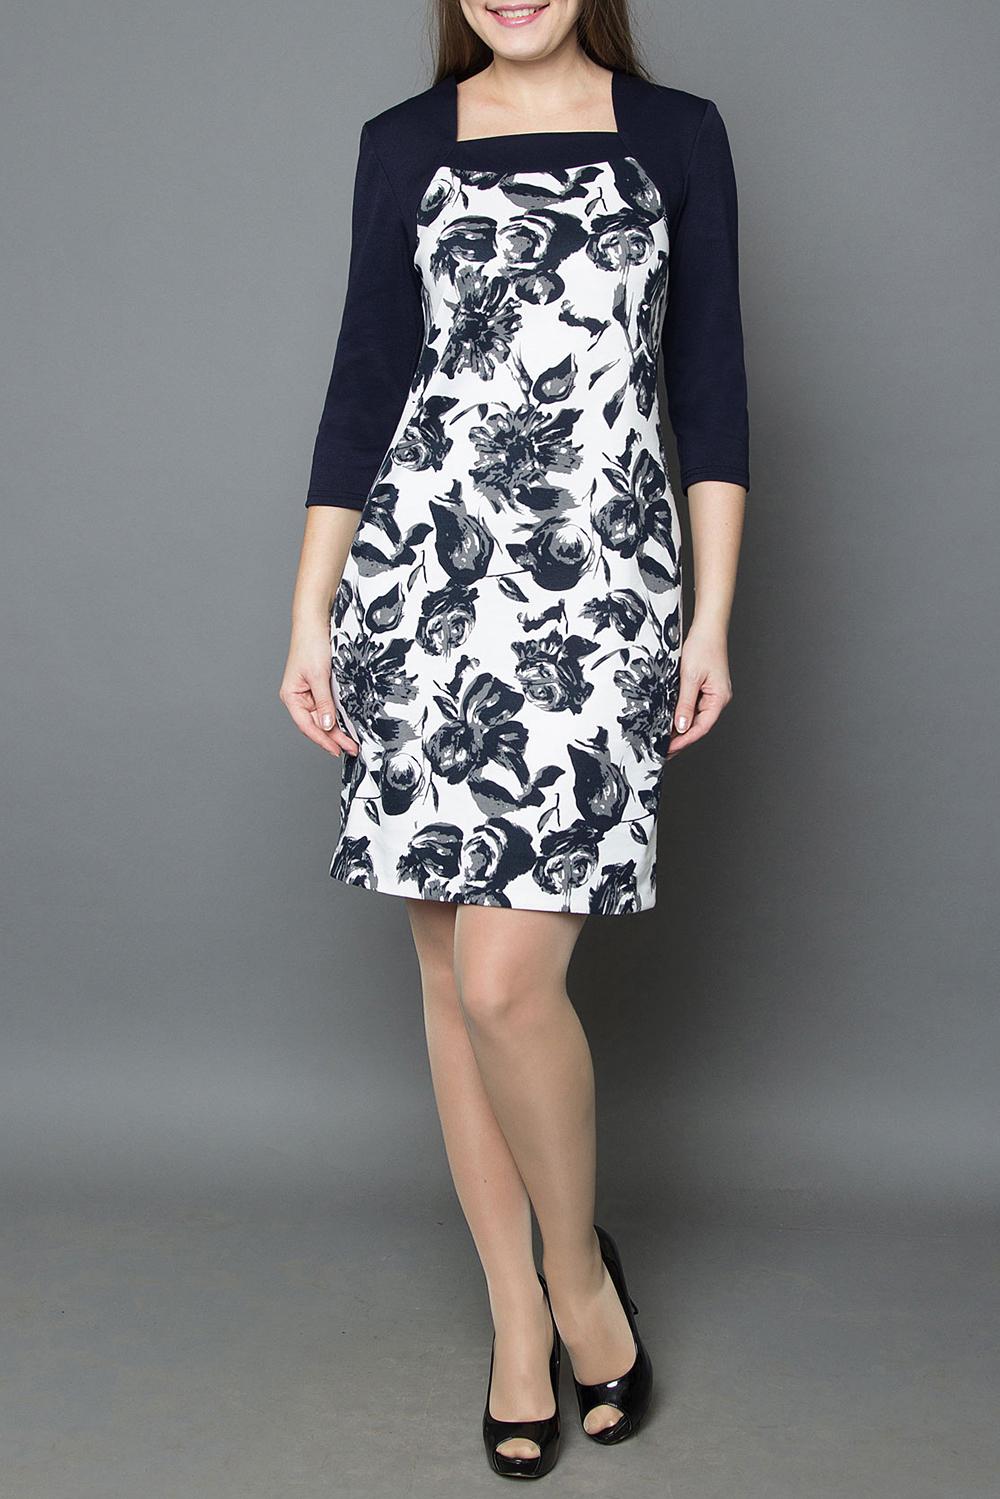 ПлатьеПлатья<br>Женское платье прямого силуэта с контрастными фигурным верхом изделия, представляет собой прекрасную композицию, для повседневной носки. Идеально подчеркивает фигуру и скроет большинство недостатков, благодаря рисунку, мягкой фактуре ткани и великолепной посадке  Длина 48-50 - 98 см, 52-60-115 см.  В изделии использованы цвета: черный, белый  Рост девушки-фотомодели 180 см.<br><br>Горловина: Квадратная горловина<br>По длине: До колена<br>По материалу: Трикотаж<br>По рисунку: Растительные мотивы,С принтом,Цветные,Цветочные<br>По сезону: Весна,Осень,Зима<br>По силуэту: Приталенные<br>По стилю: Повседневный стиль<br>По форме: Платье - футляр<br>Рукав: Длинный рукав<br>Размер : 50,52,56,58<br>Материал: Джерси<br>Количество в наличии: 4